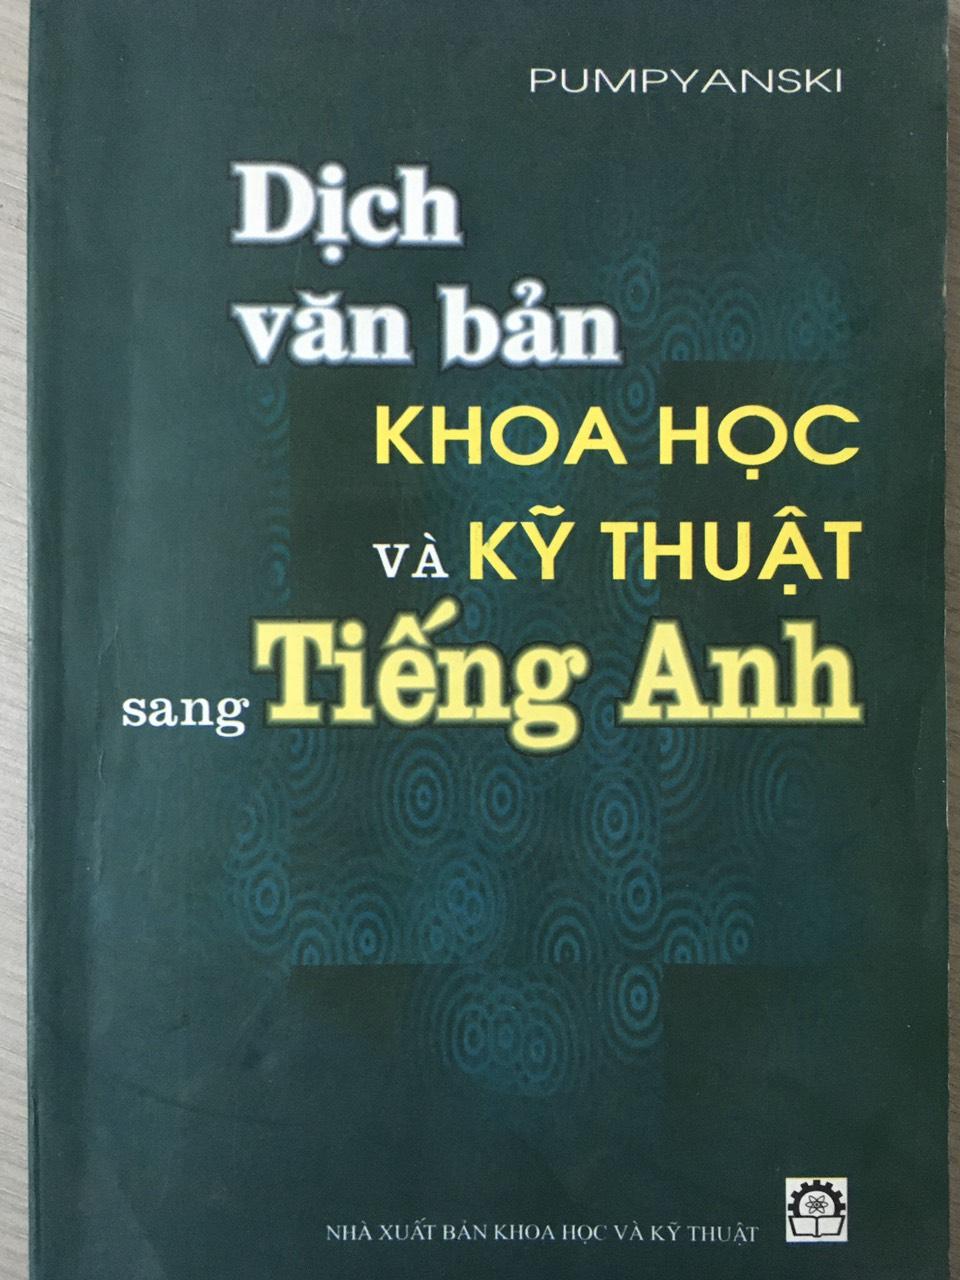 Dịch văn bản khoa học và kỹ thuật sang tiếng anh | Pumpyanski